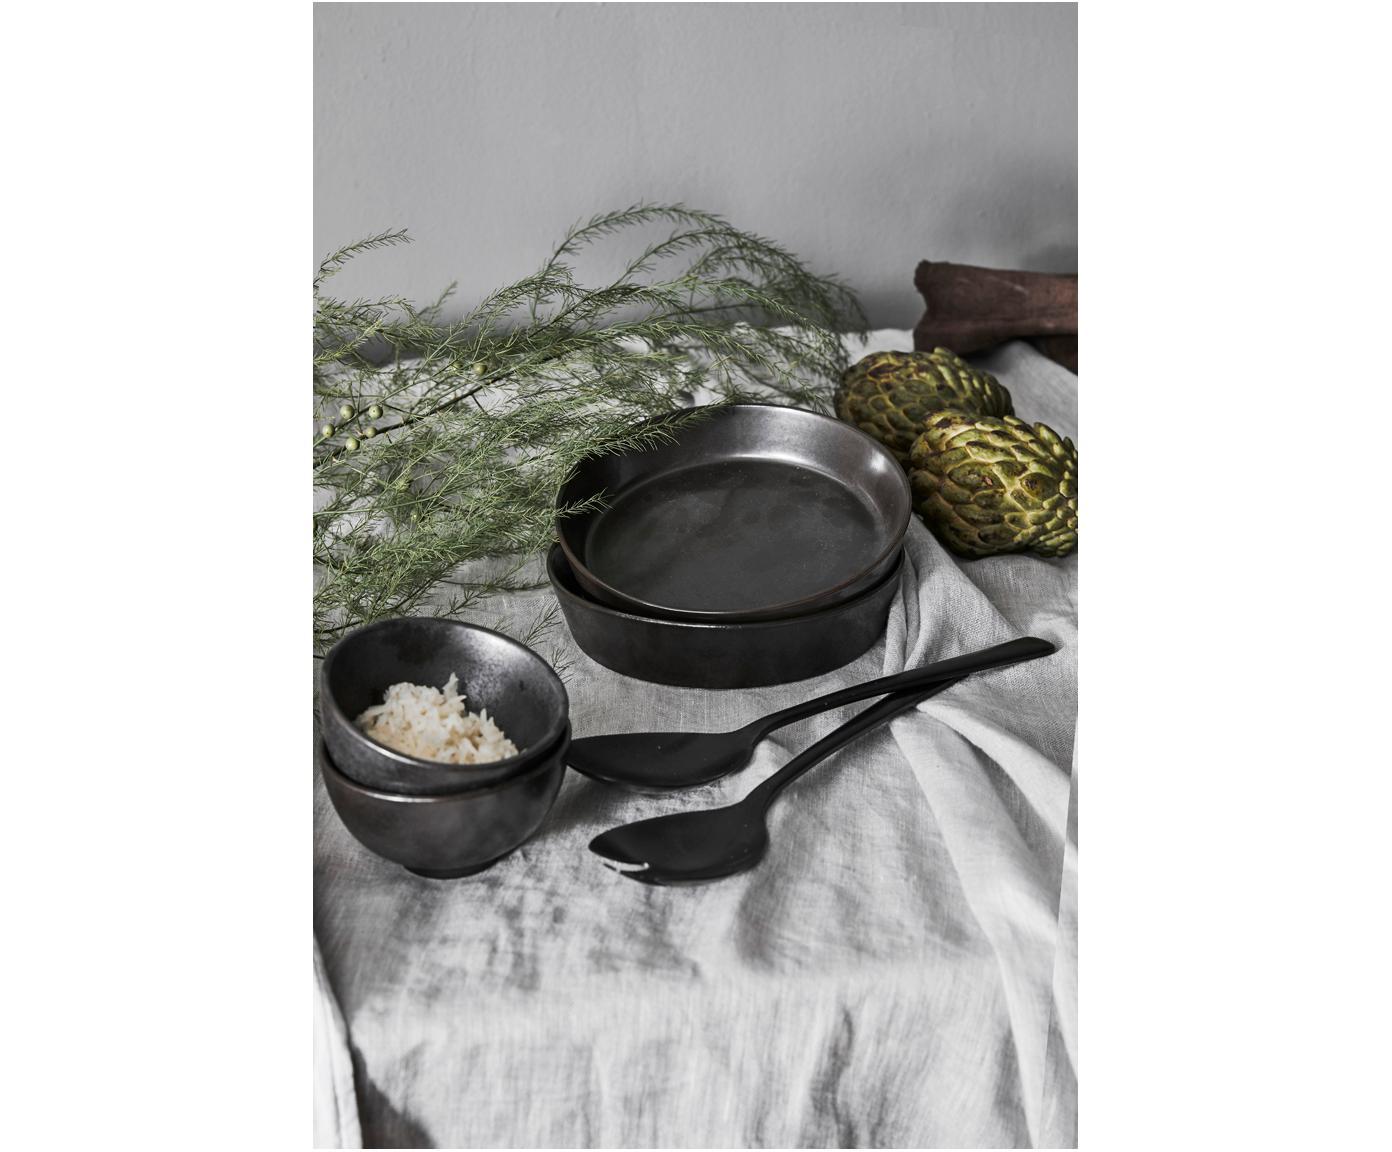 Ręcznie wykonana miska Esrum Night, 4 szt., Kamionka szkliwiona, Szarobrązowy, matowy, srebrzysty, lśniący, Ø 14 x W 8 cm